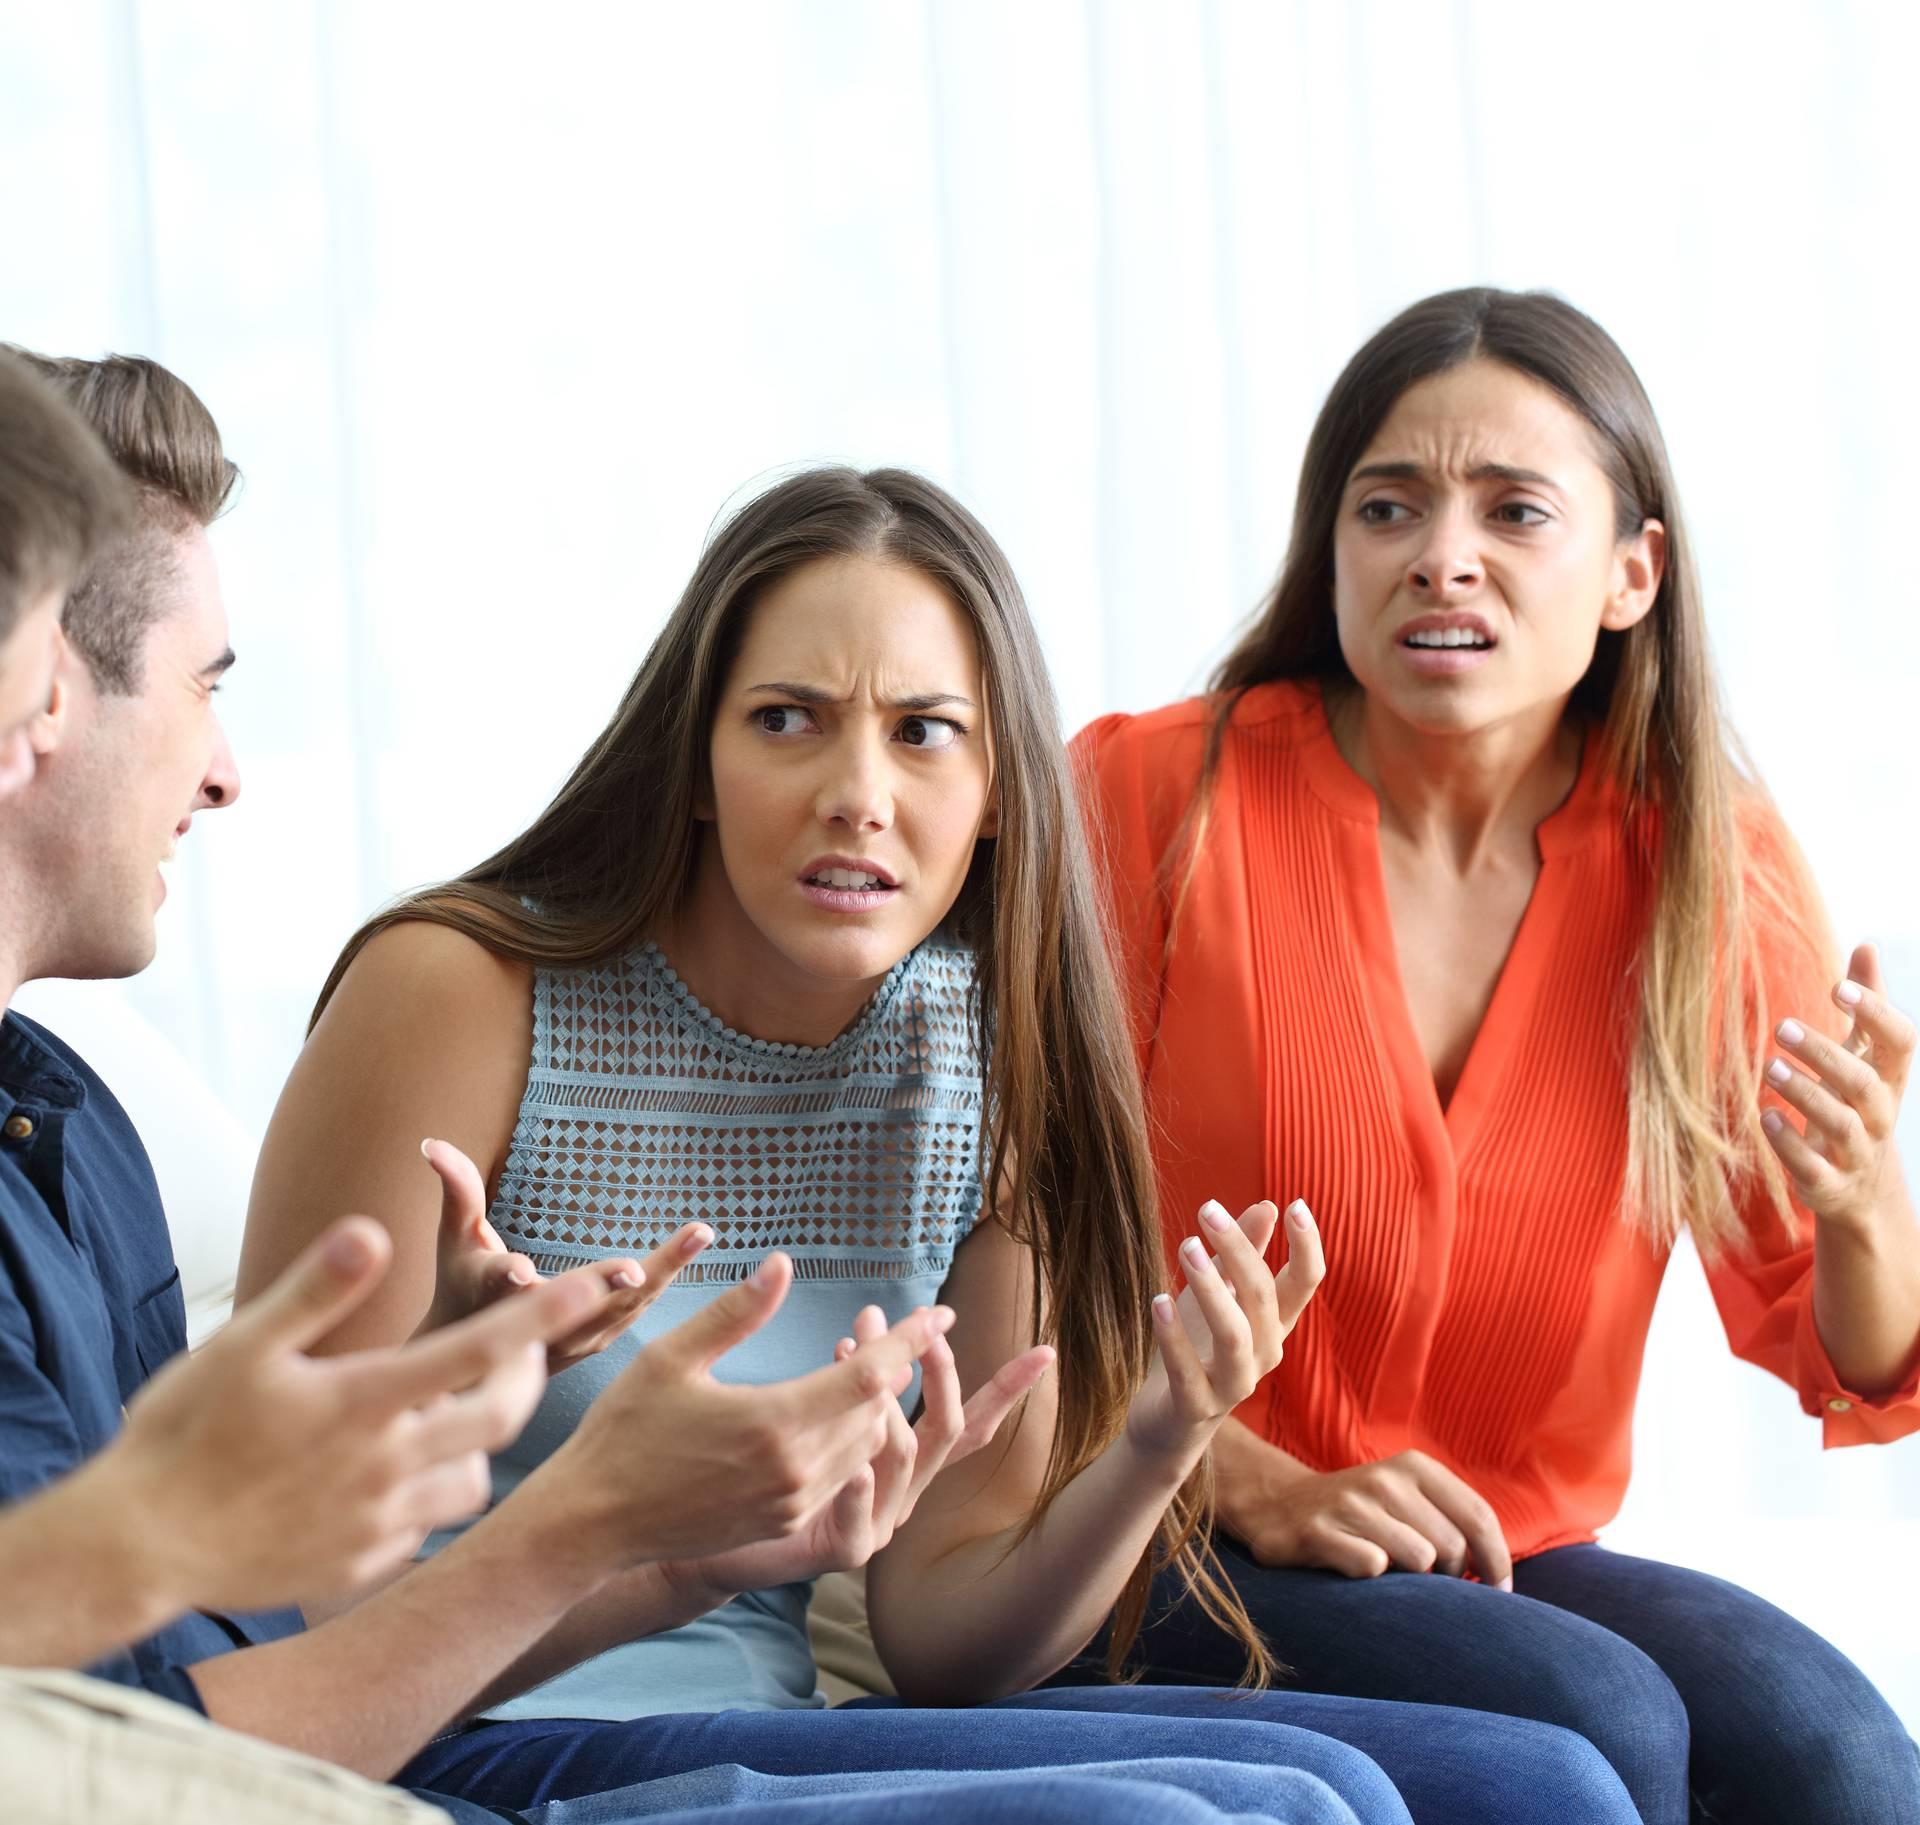 Mladi Ameri sve razuzdaniji: CDC upozorio da su značajno gori od prijašnjih generacija